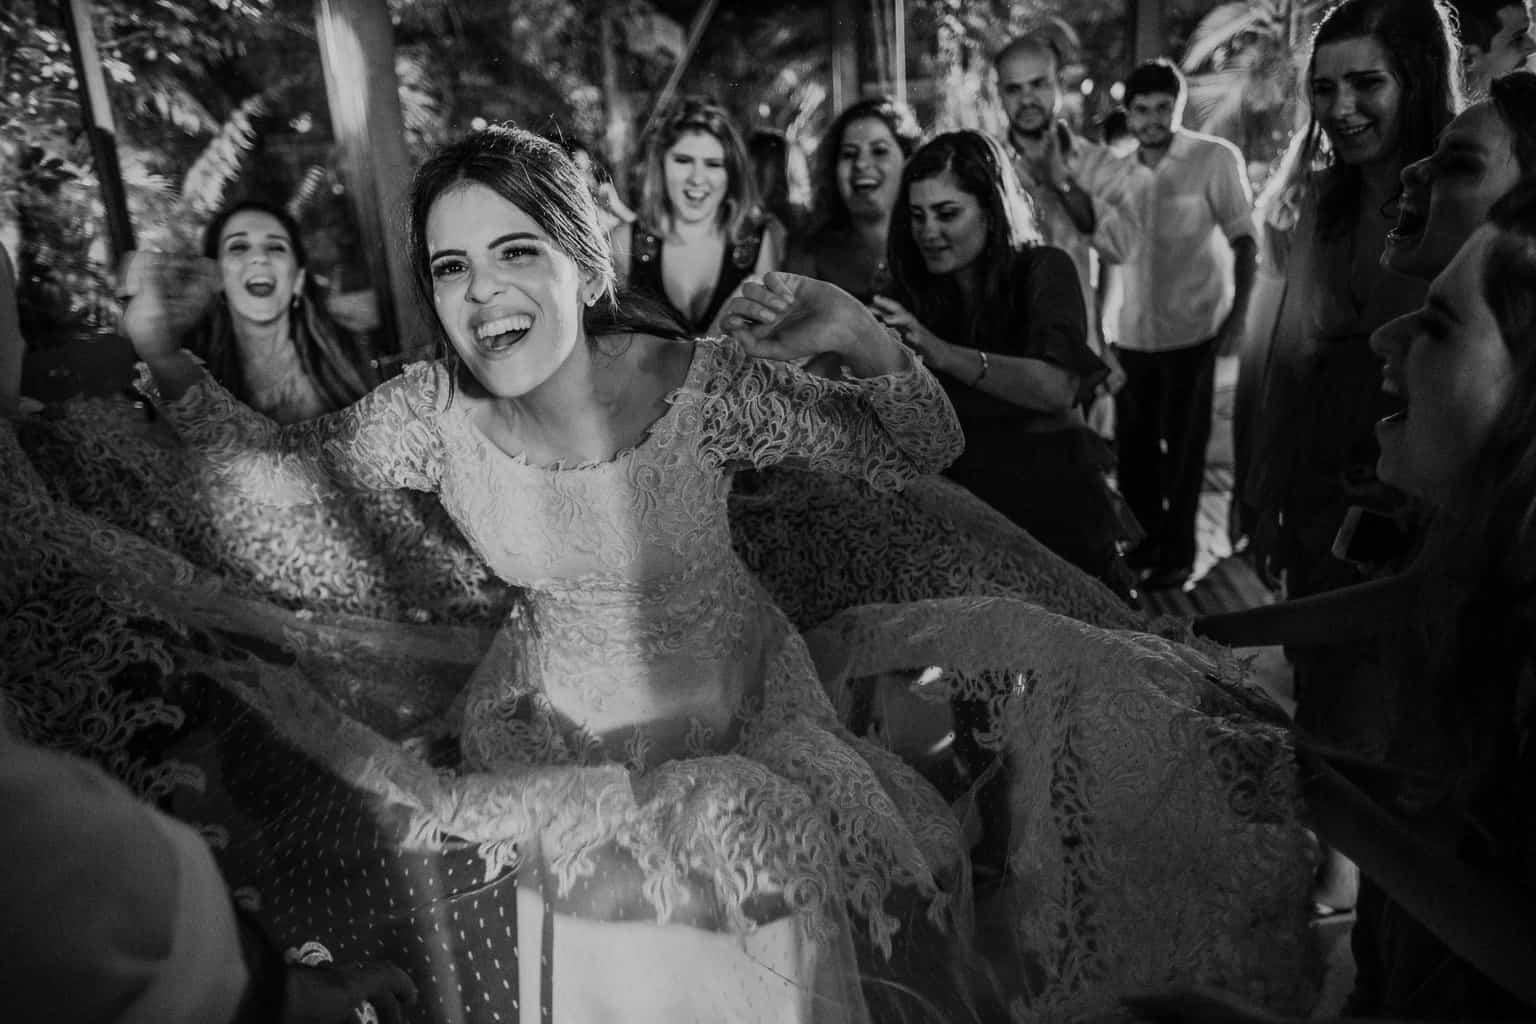 casamento-na-serra-festa-de-casamento-Fotografia-Renata-Xavier-Les-Amies-Cerimonial-Locanda-Della-Mimosa-Natalia-e-Bruno-noiva-na-pista726